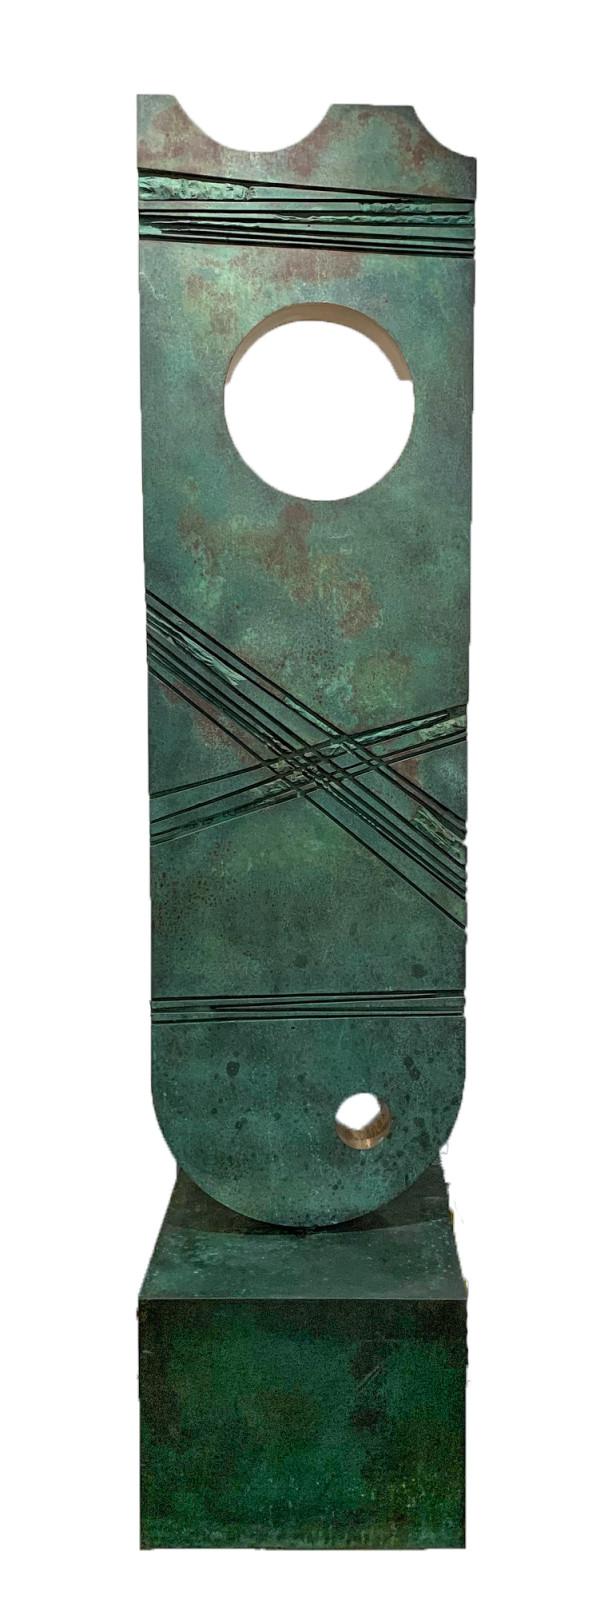 第十三号石碑,约瑟夫·麦克唐奈